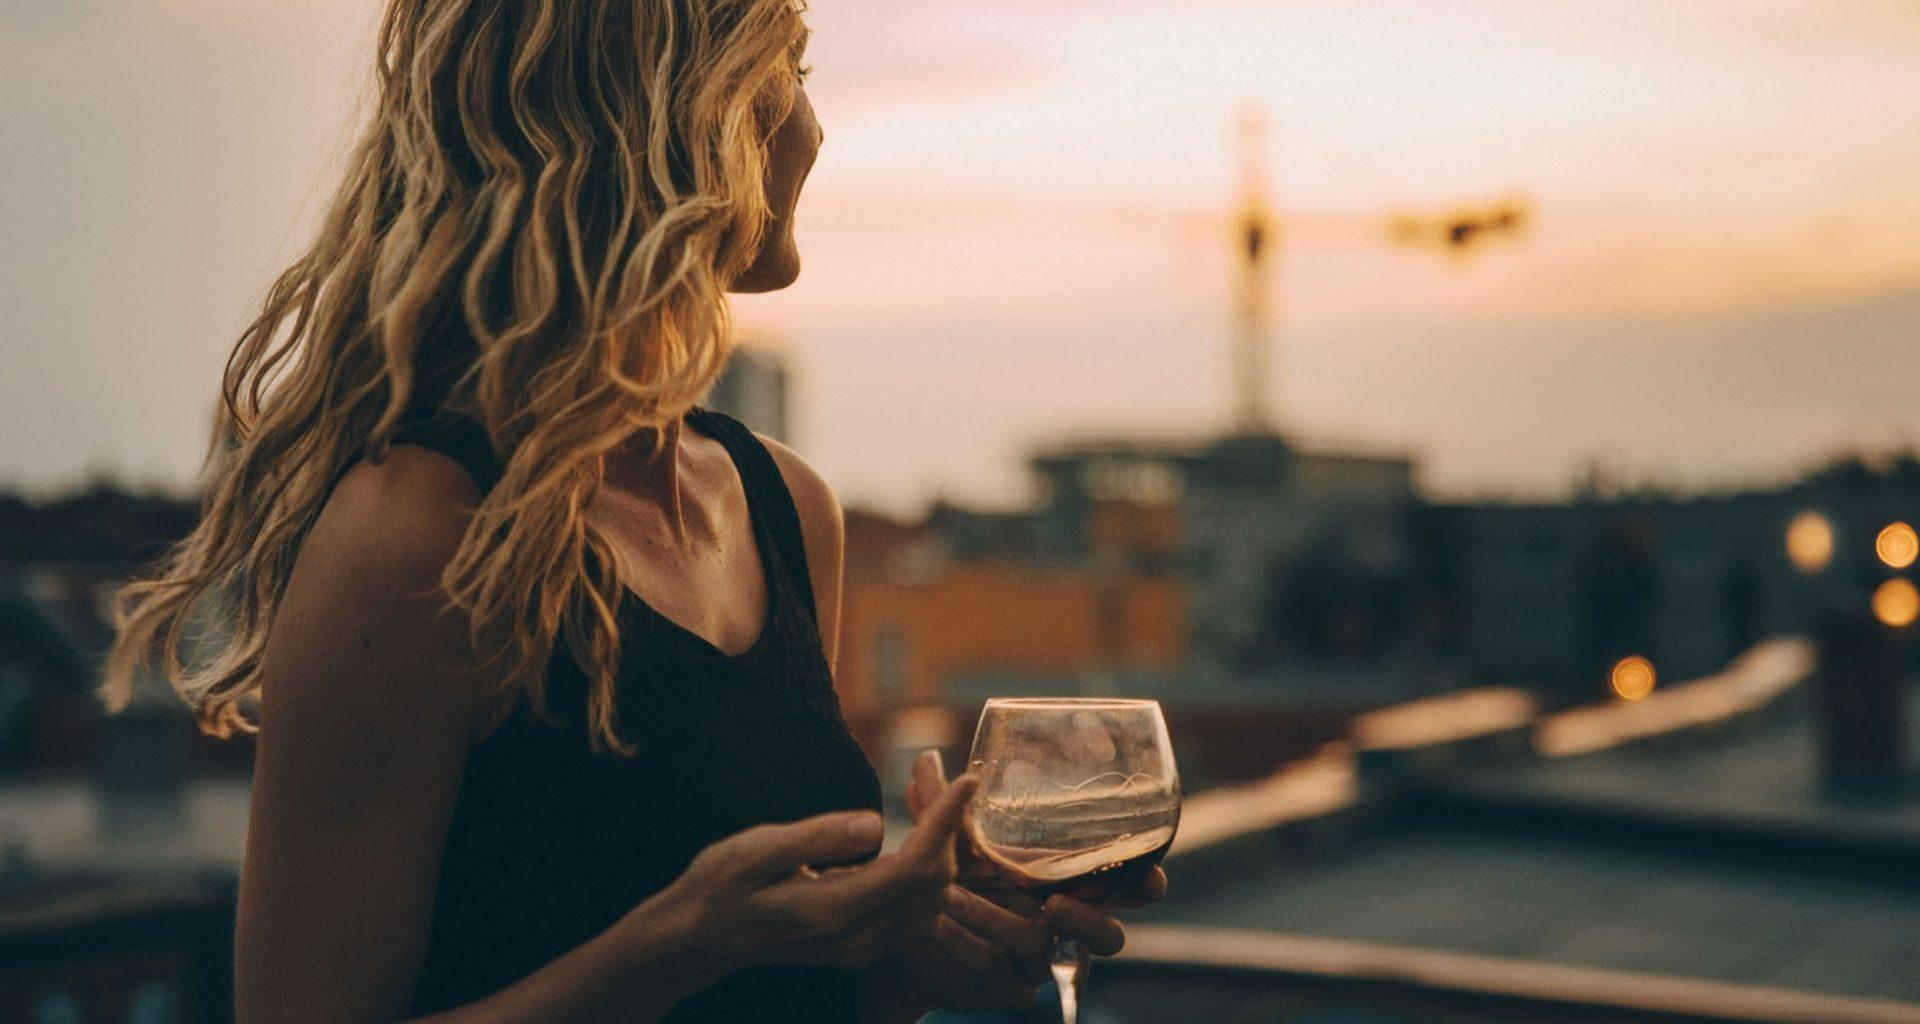 Frau schaut von der Dachterrasse aus in die Ferne